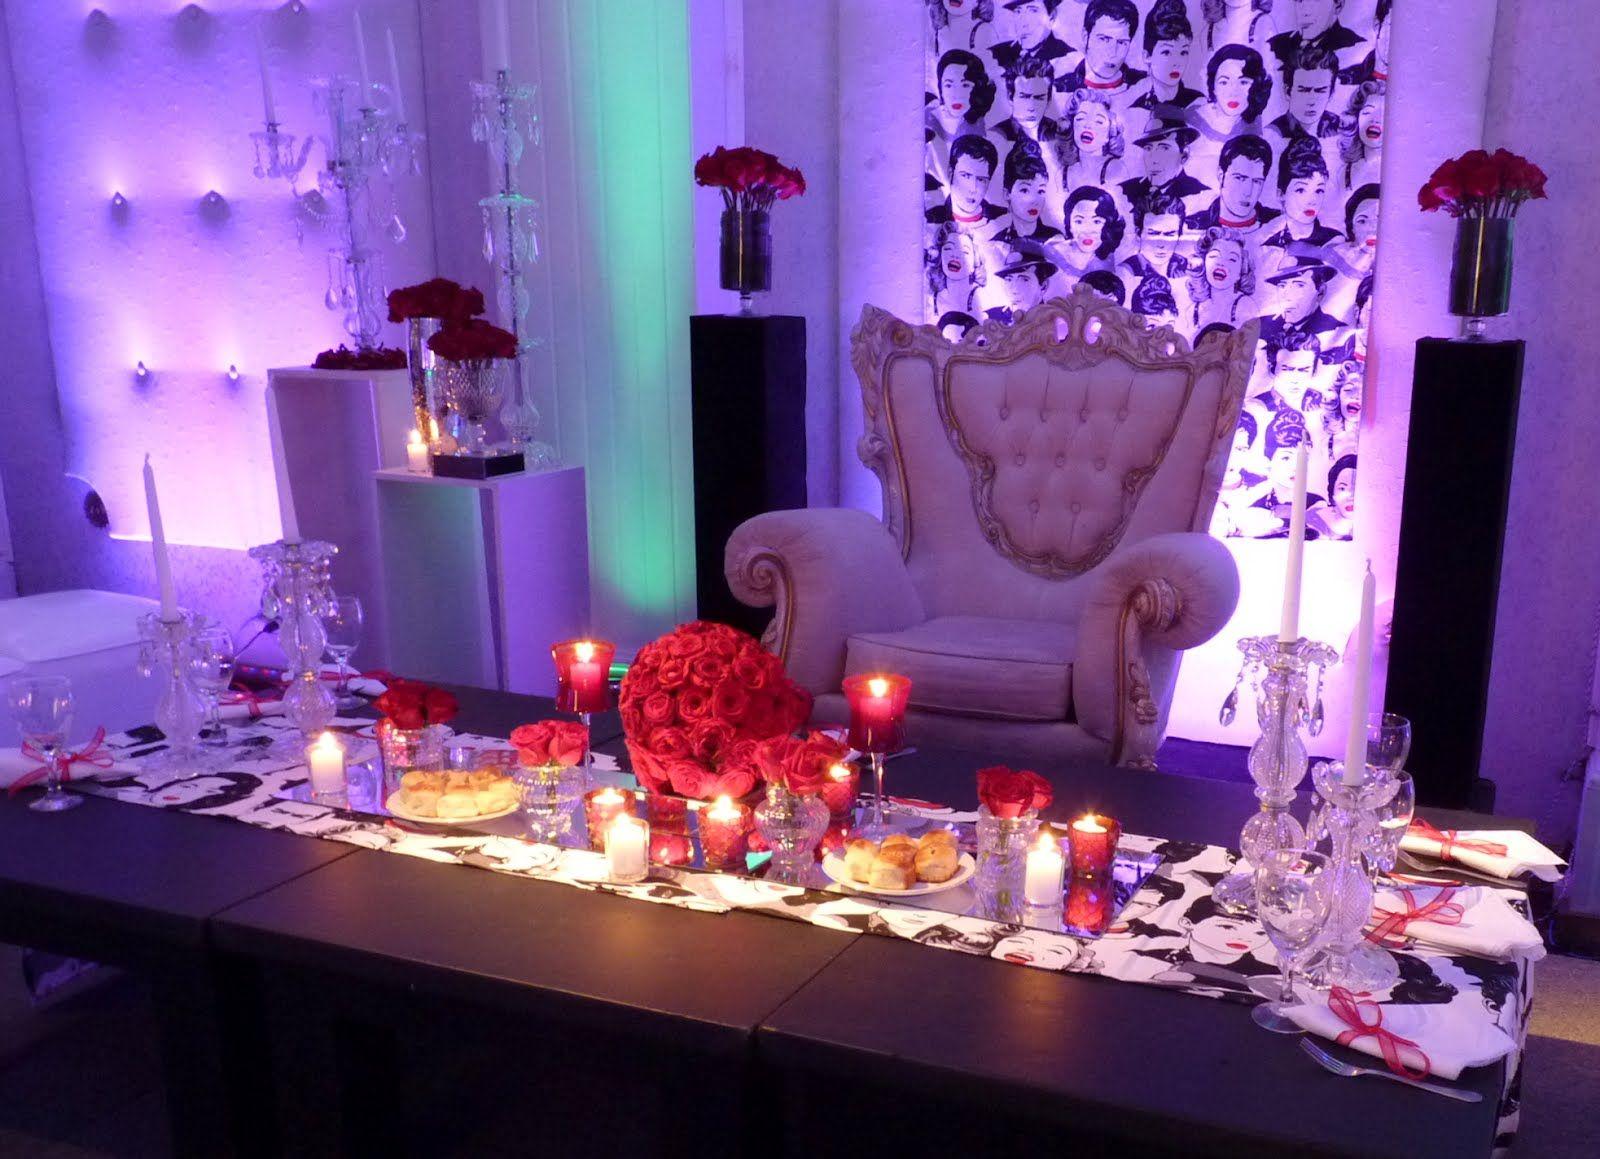 Decoraciones de fiestas con telas y luz buscar con for Decoracion de quinceanera